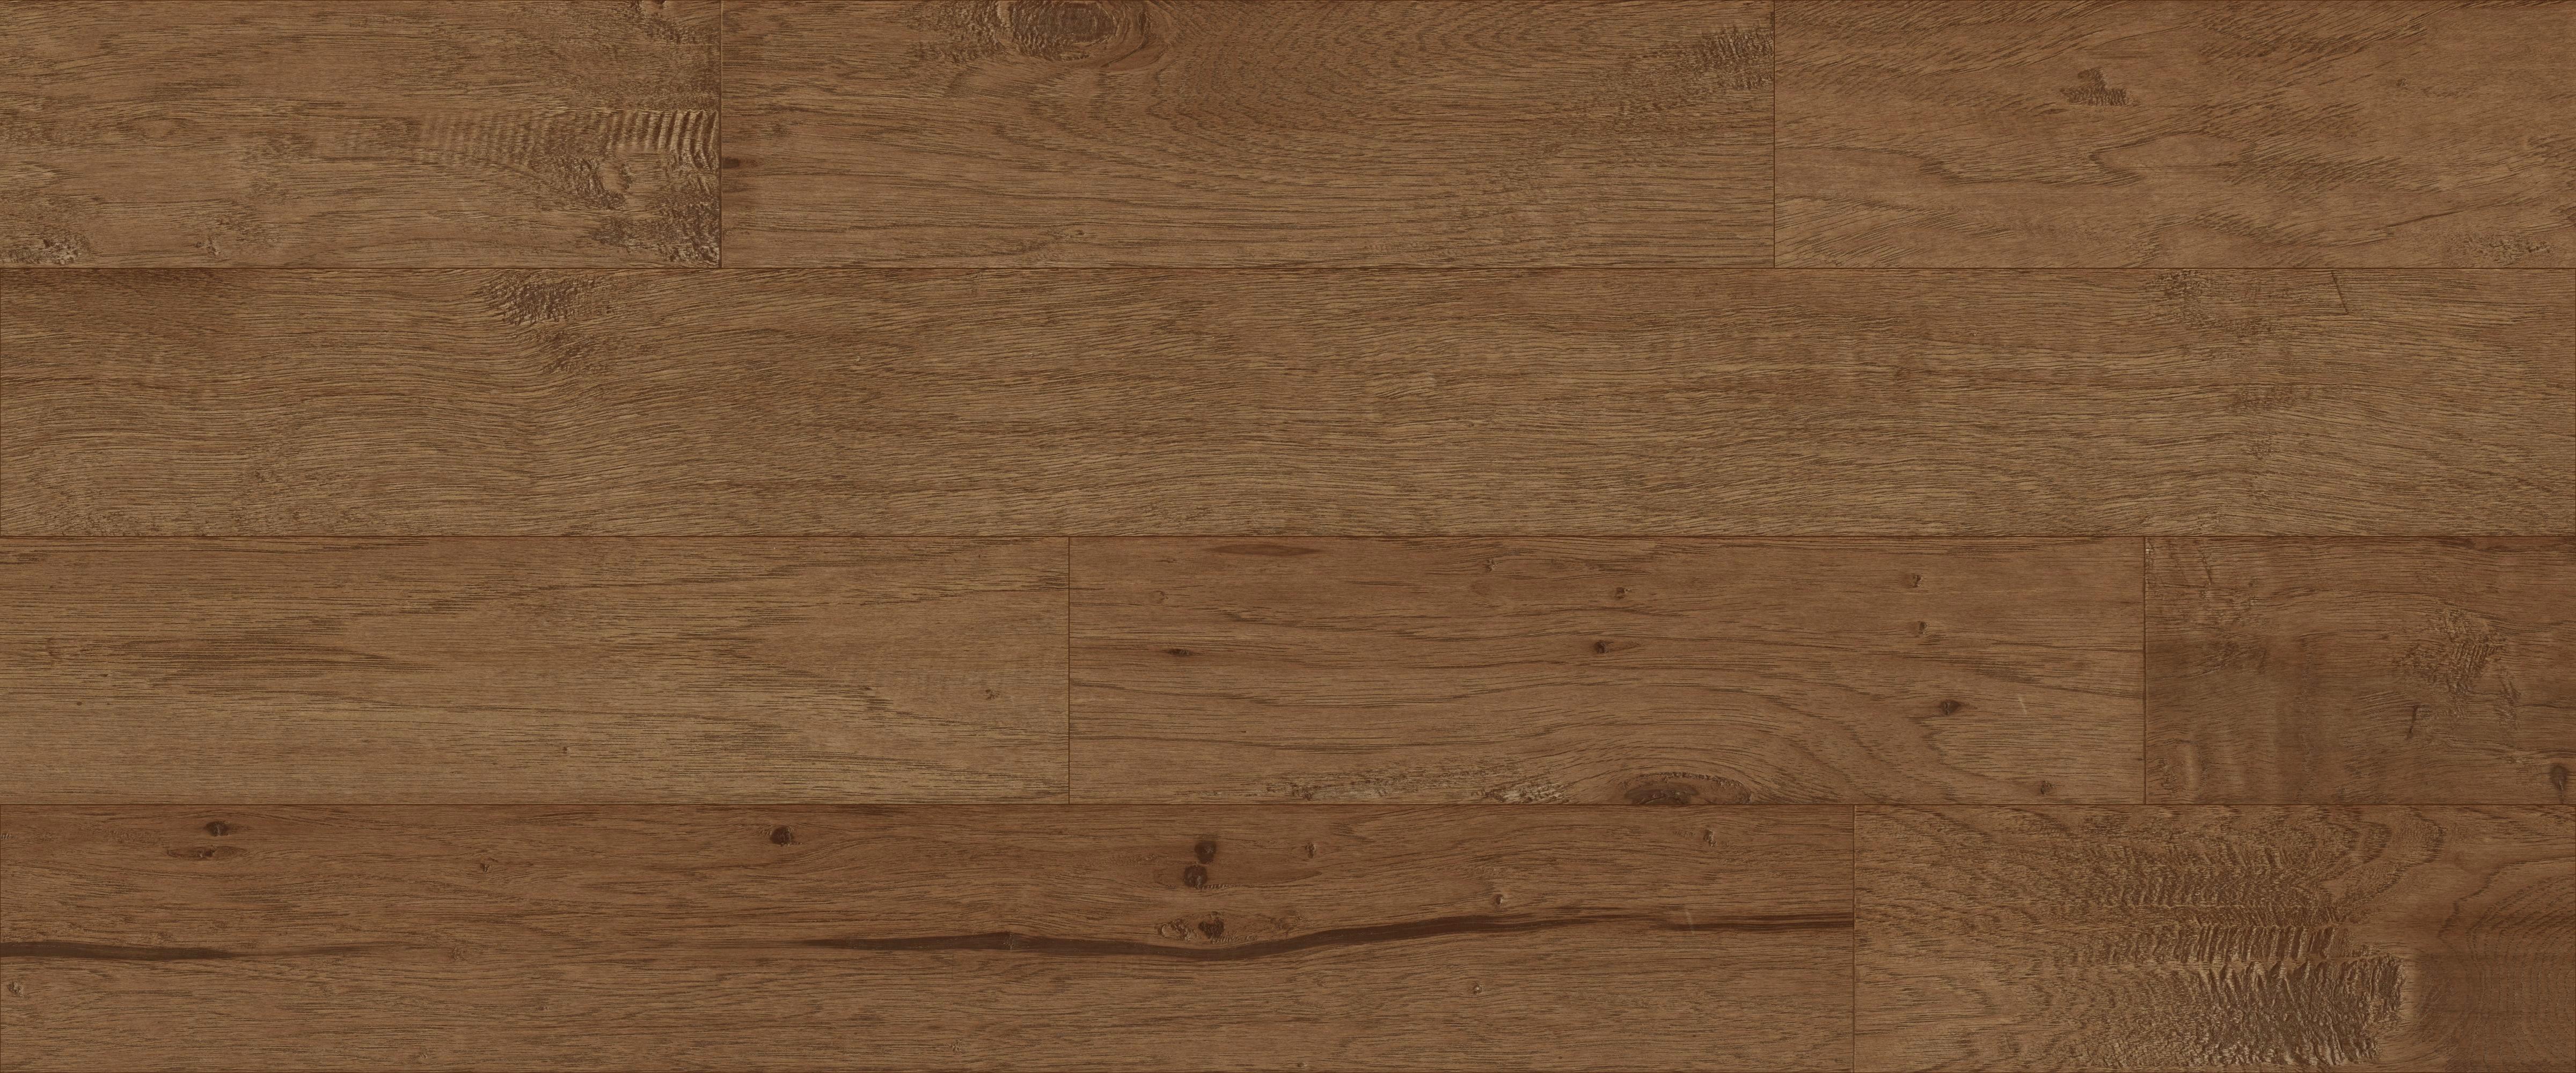 hardwood floor layout calculator of flooring estimator top result concrete estimate template beautiful regarding 50 of 50 best hardwood flooring cost calculator graphics august 2018